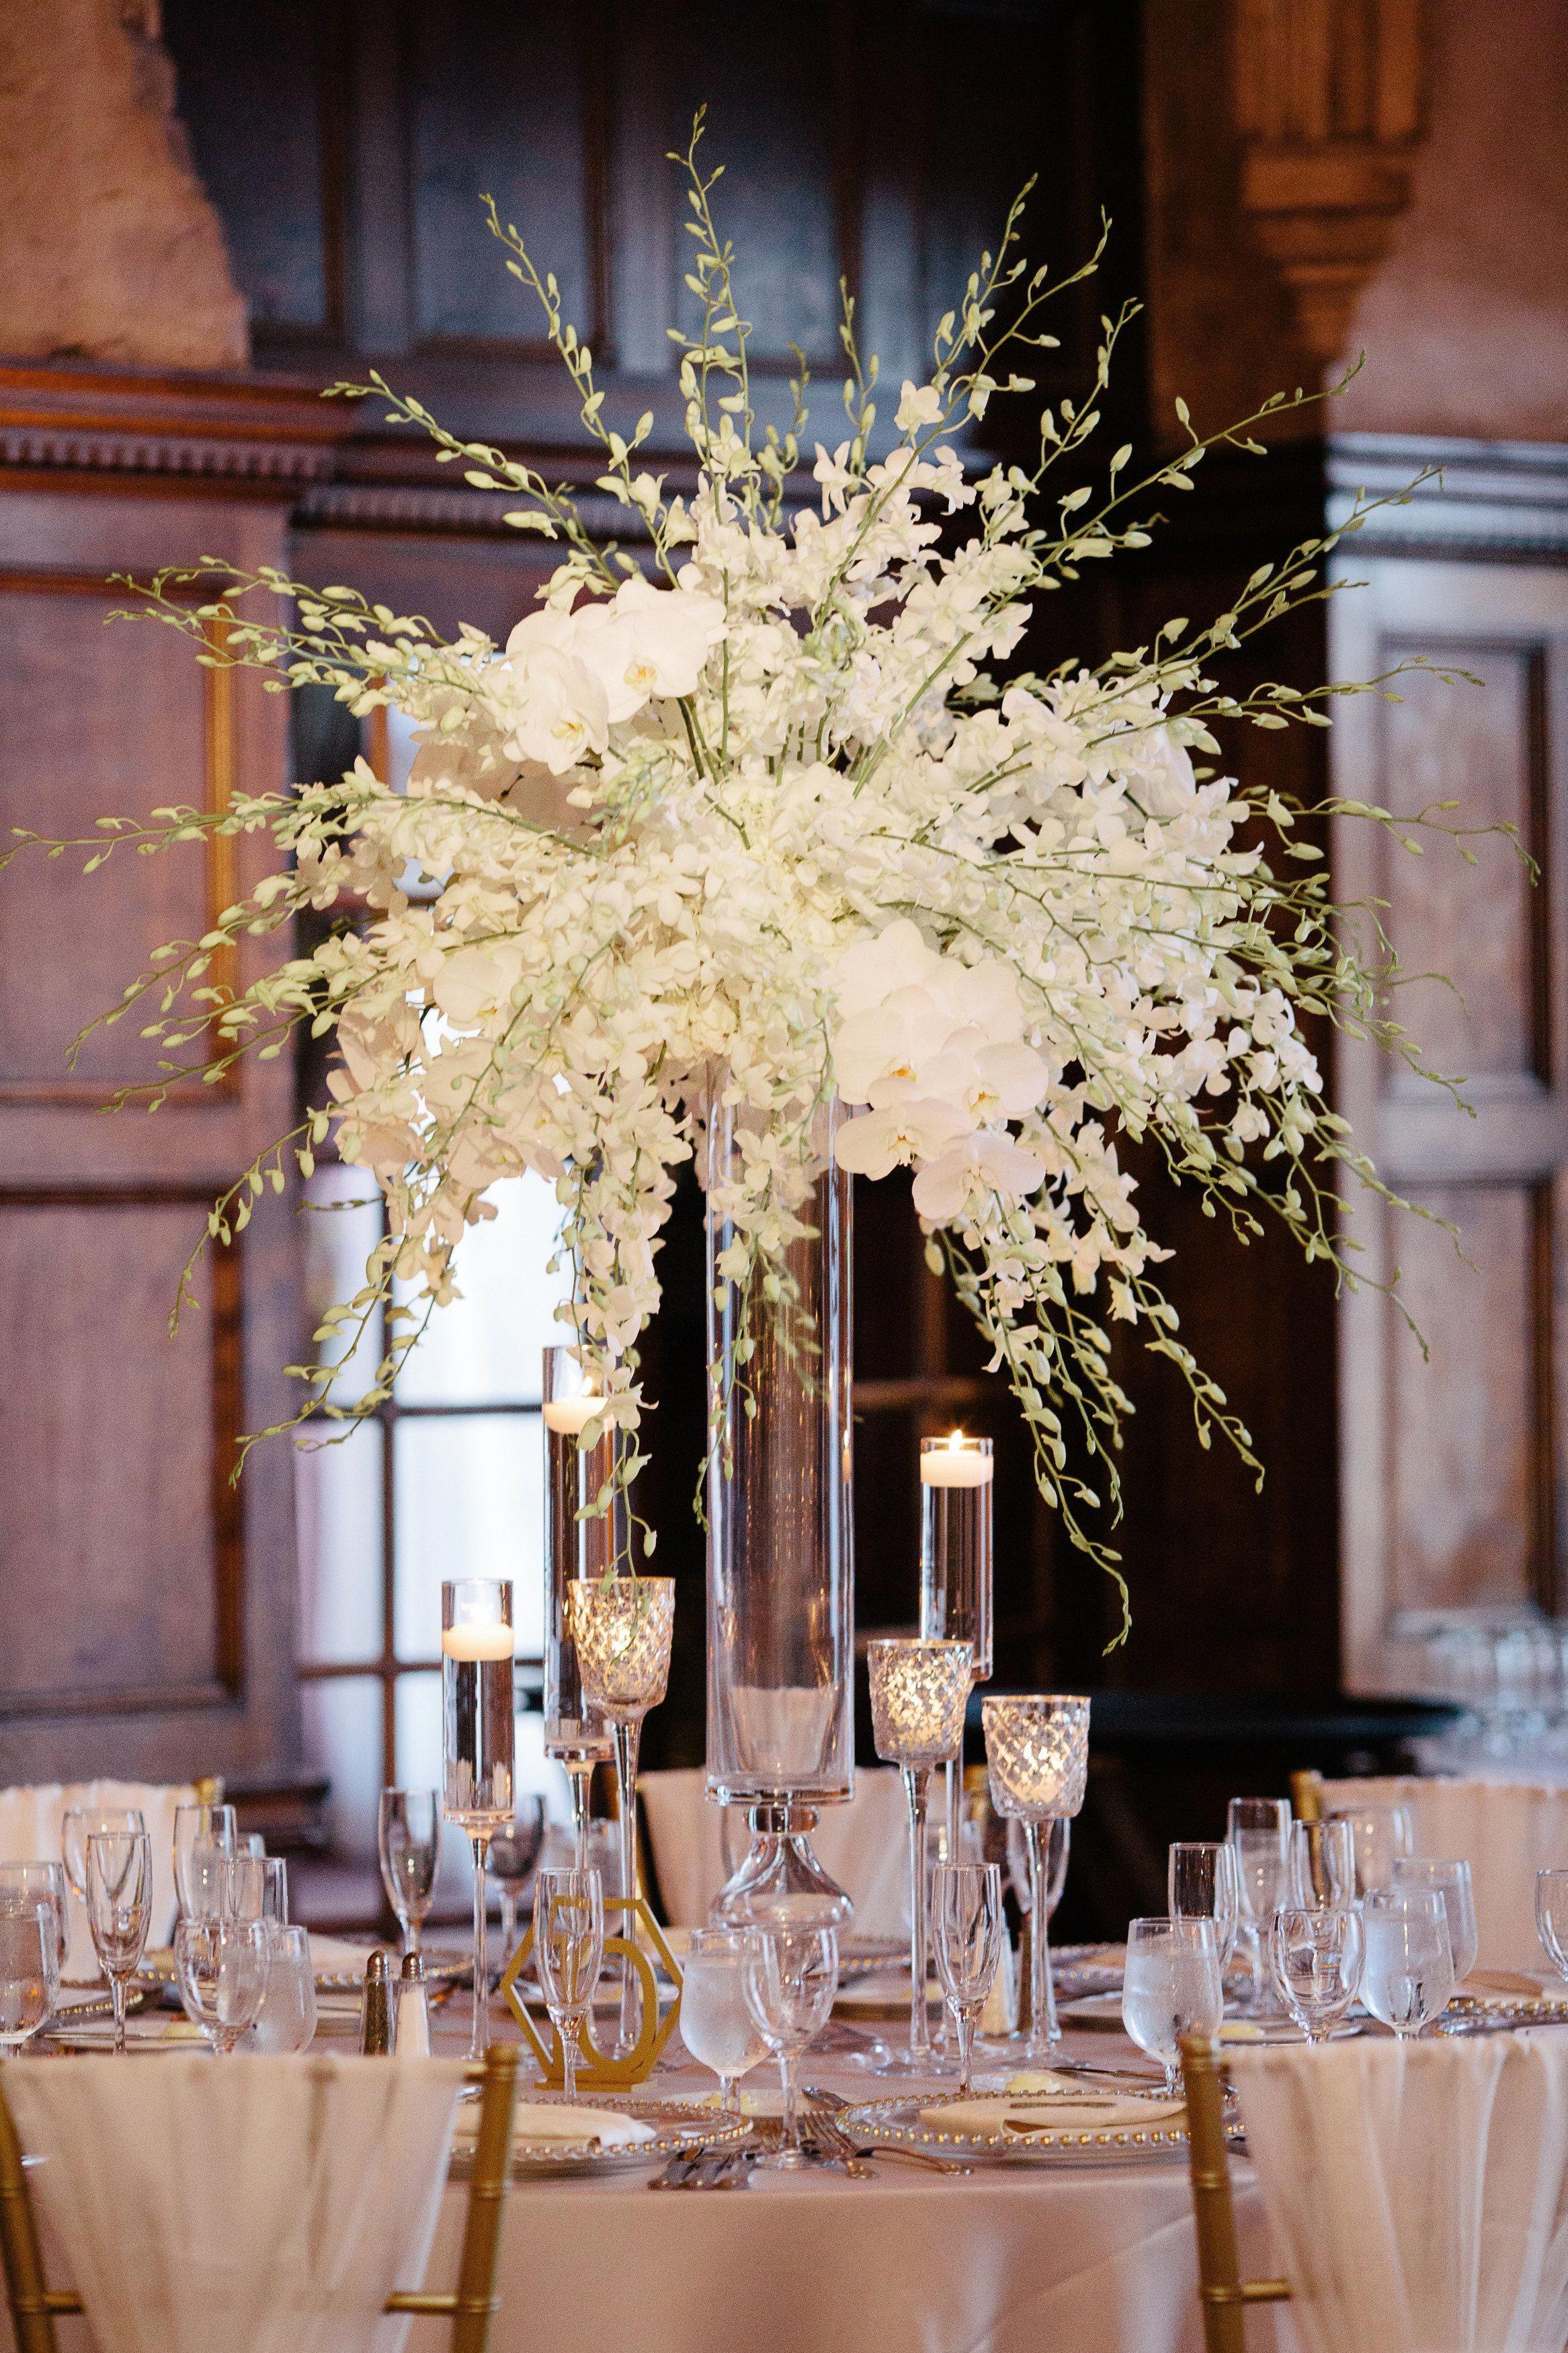 Wedding Reception Table Ideas Outside Wedding Decoration Ideas Unusual We Tall Wedding Centerpieces Flower Centerpieces Wedding Wedding Floral Centerpieces